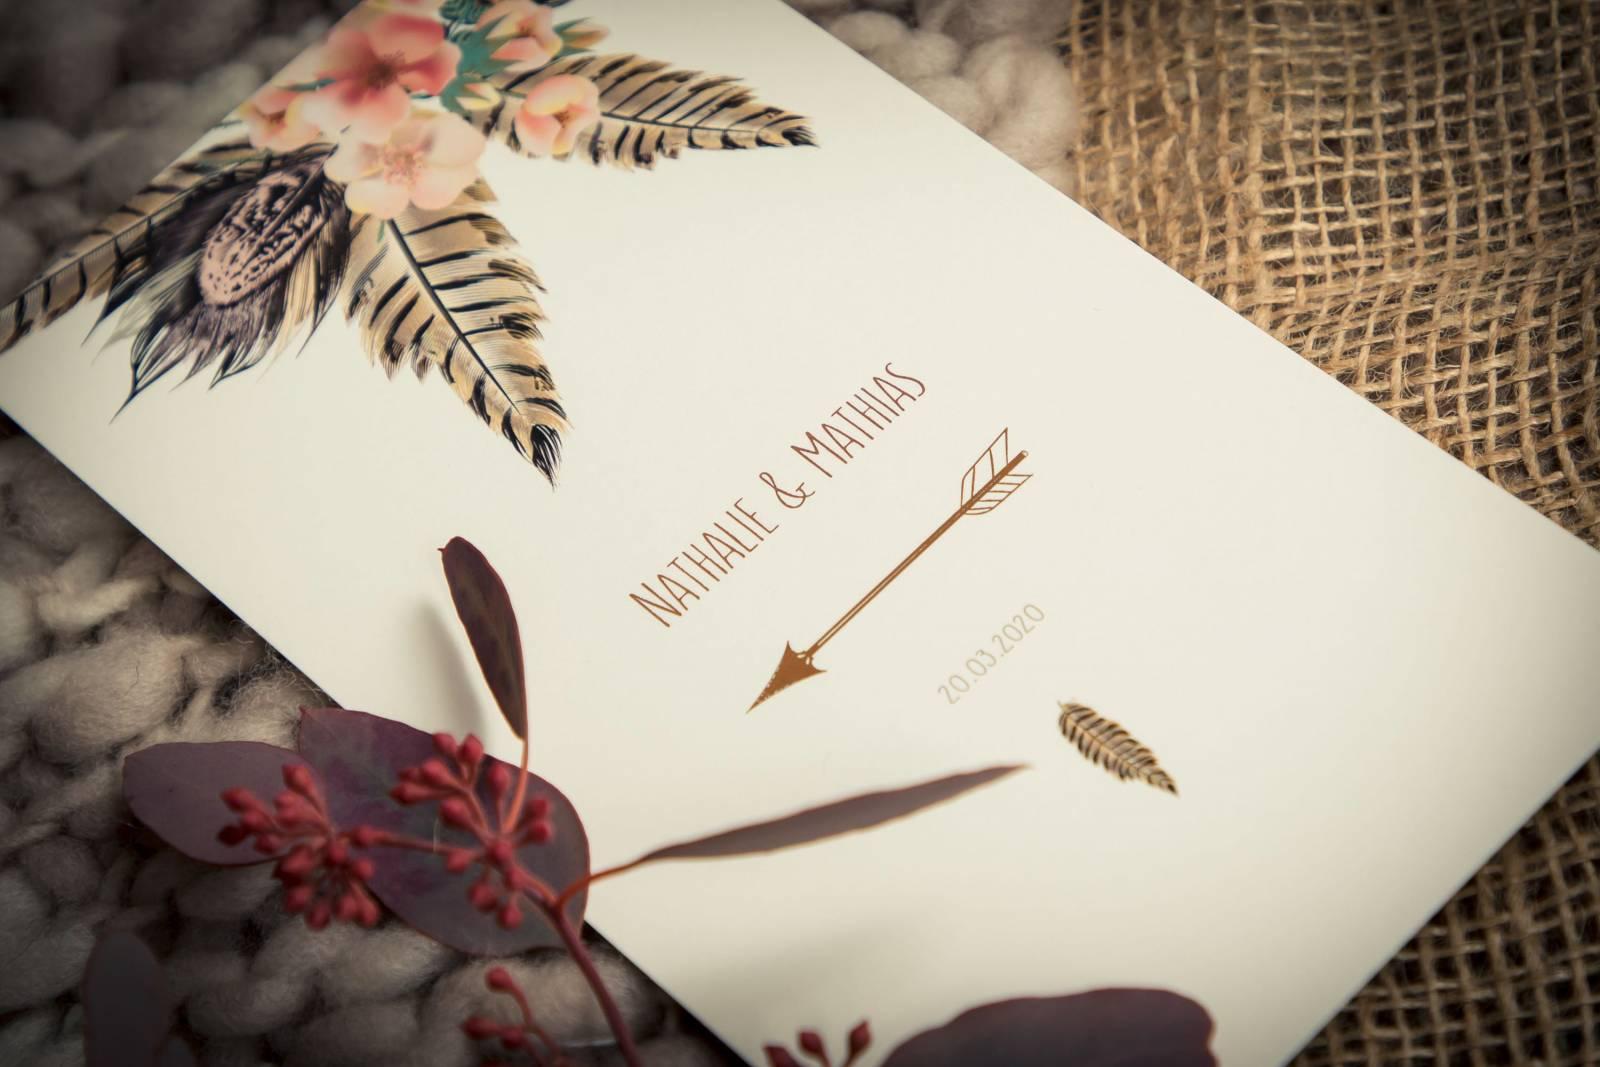 Drukkerij Augustynen - Trouwuitnodiging - Huwelijksuitnodiging - House of Weddings - 14